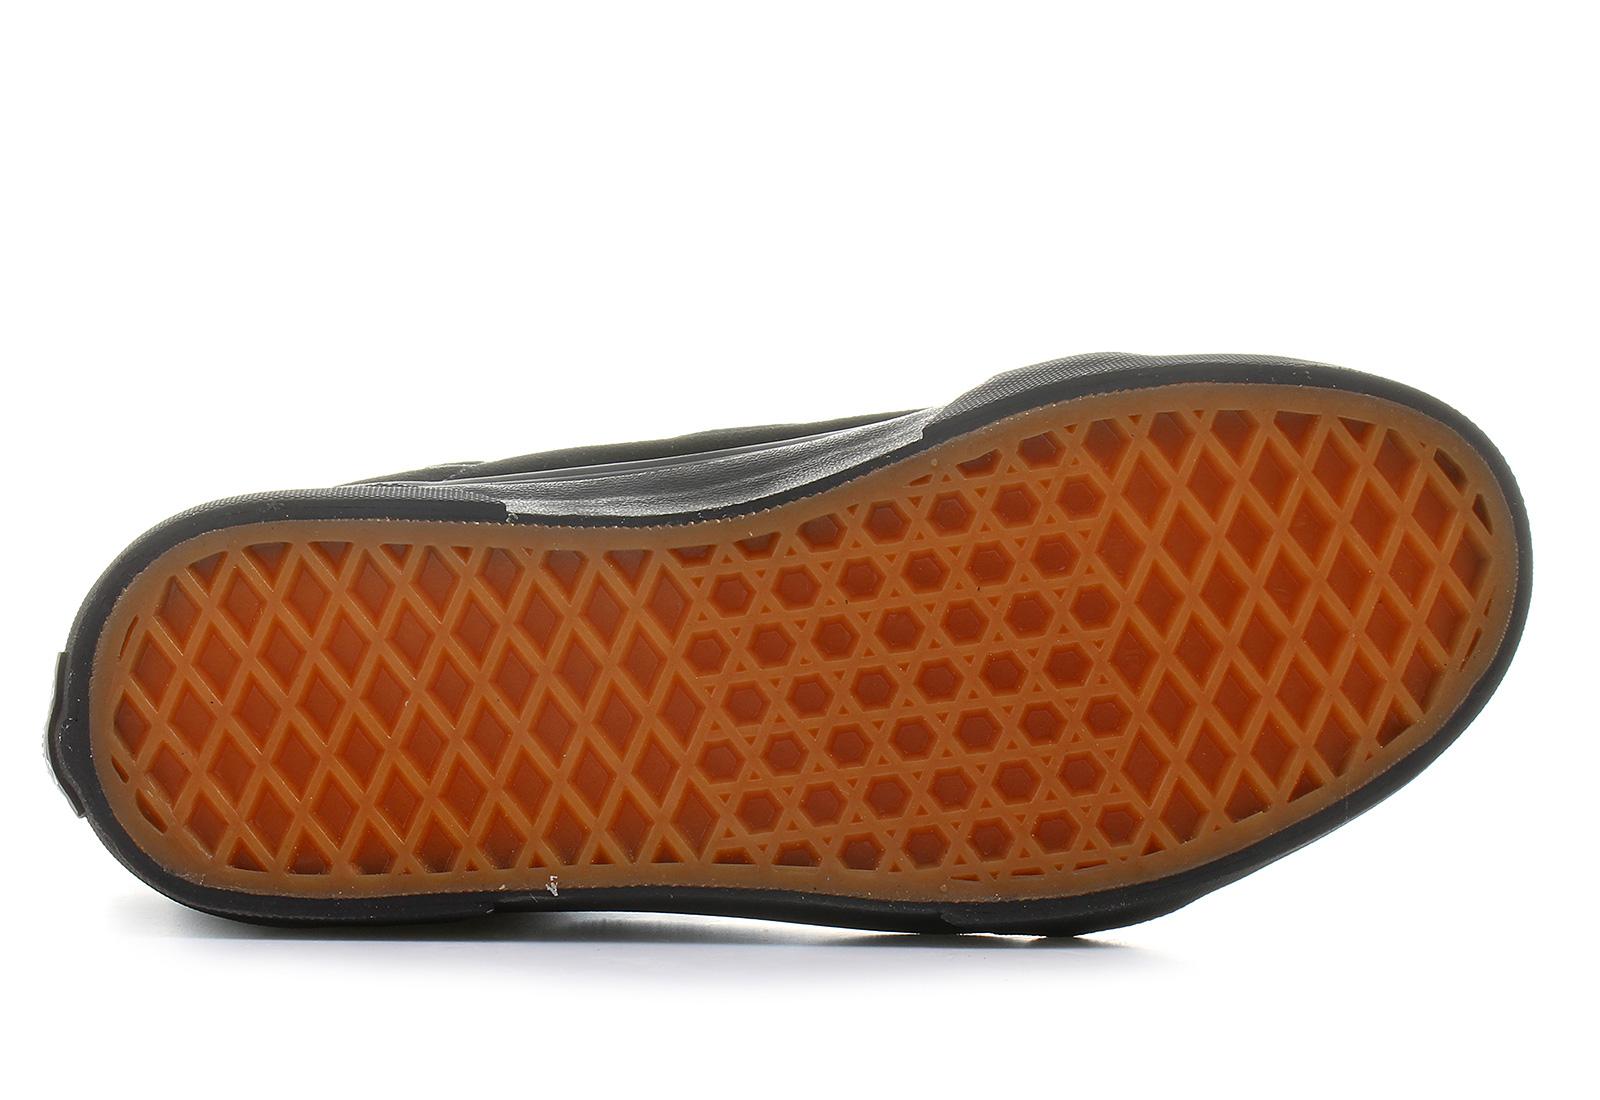 Vans Tornacipő - Sk8-hi Mte K - VA2XSNK5L - Office Shoes Magyarország 472f18c3dd